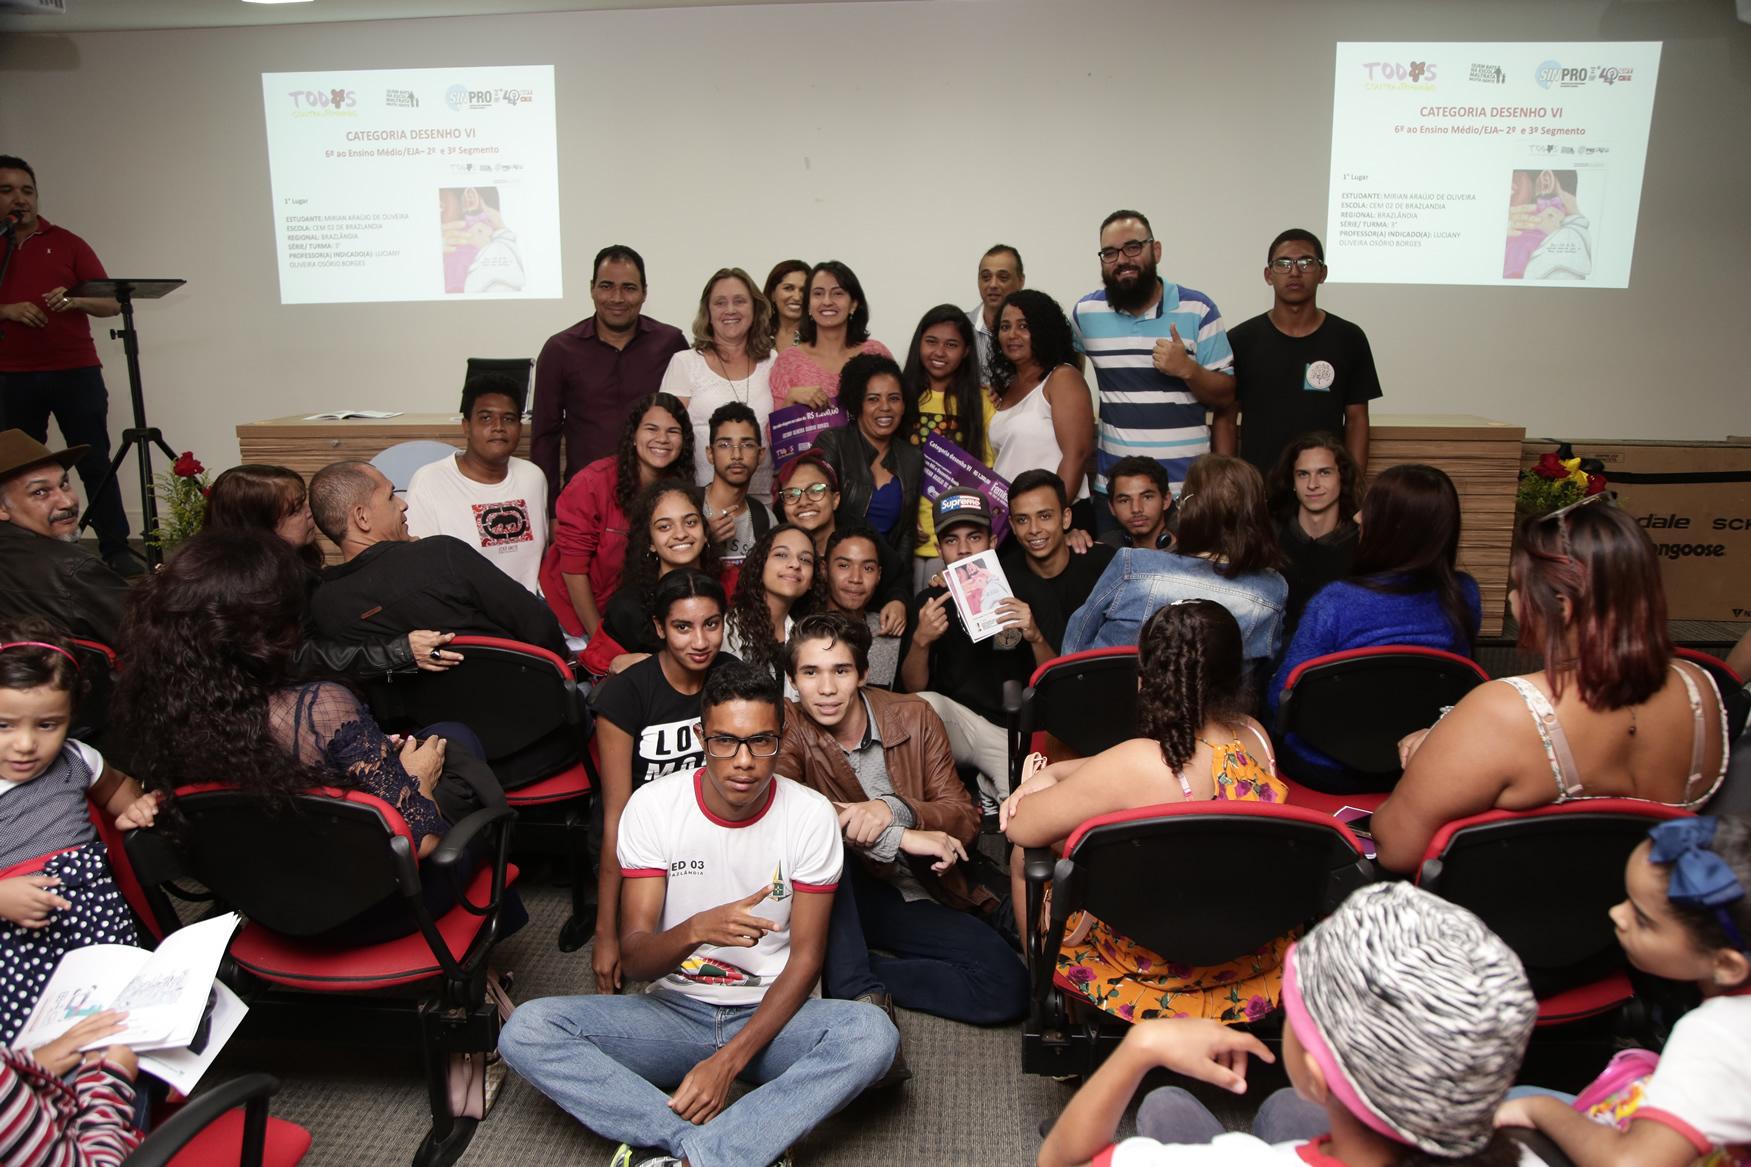 2019.05.19-Premiacao-do-X-Concurso-de-Redacao-do-Sinpro-DF_fotos-ECOM-47